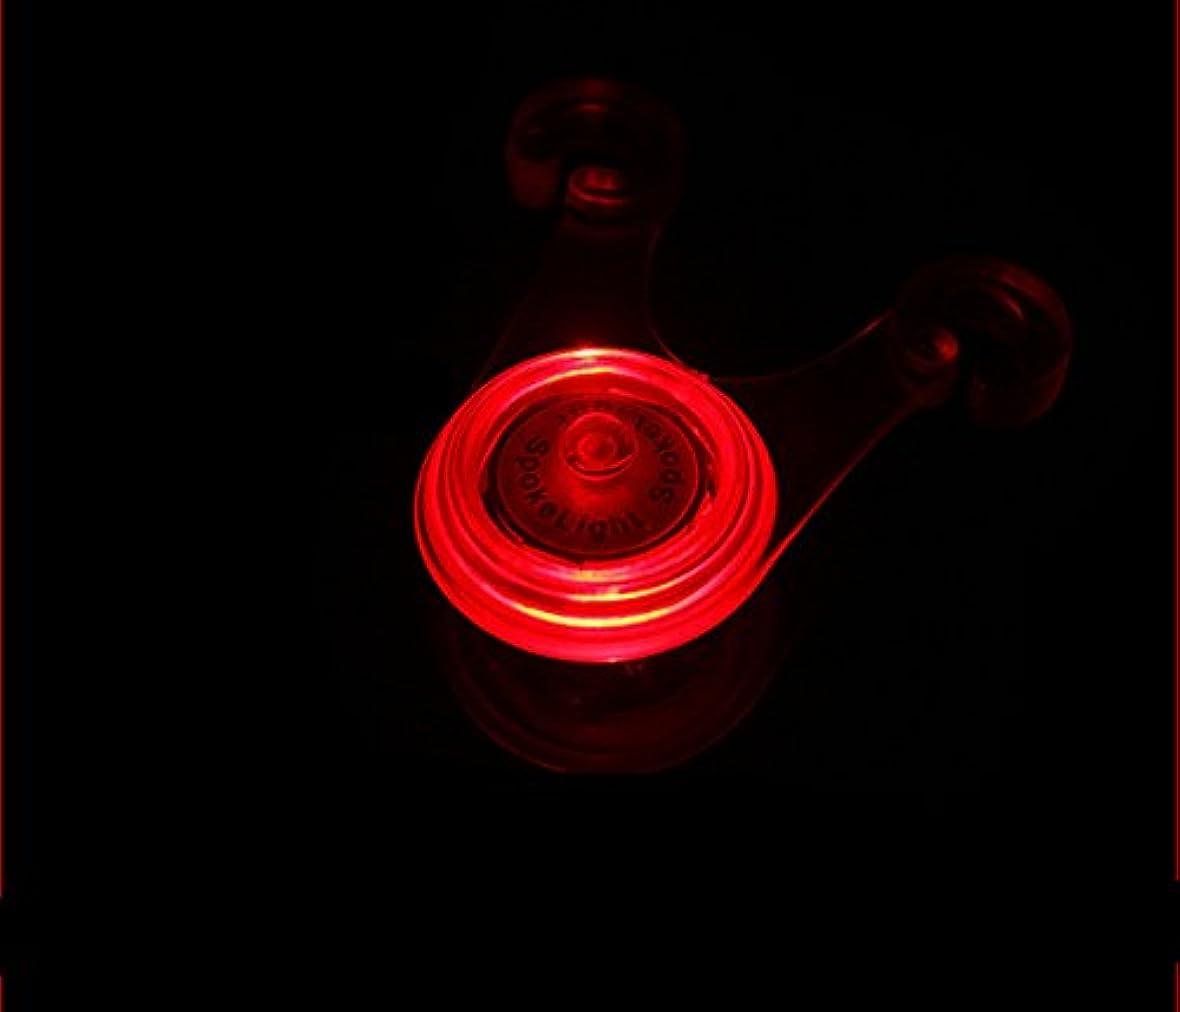 水銀の物思いにふける乞食Miyinla 自転車テールライト シート 防水自転車 用 ライト小型 軽量 装着簡単 夜間走行の視認性をアピール 尾灯